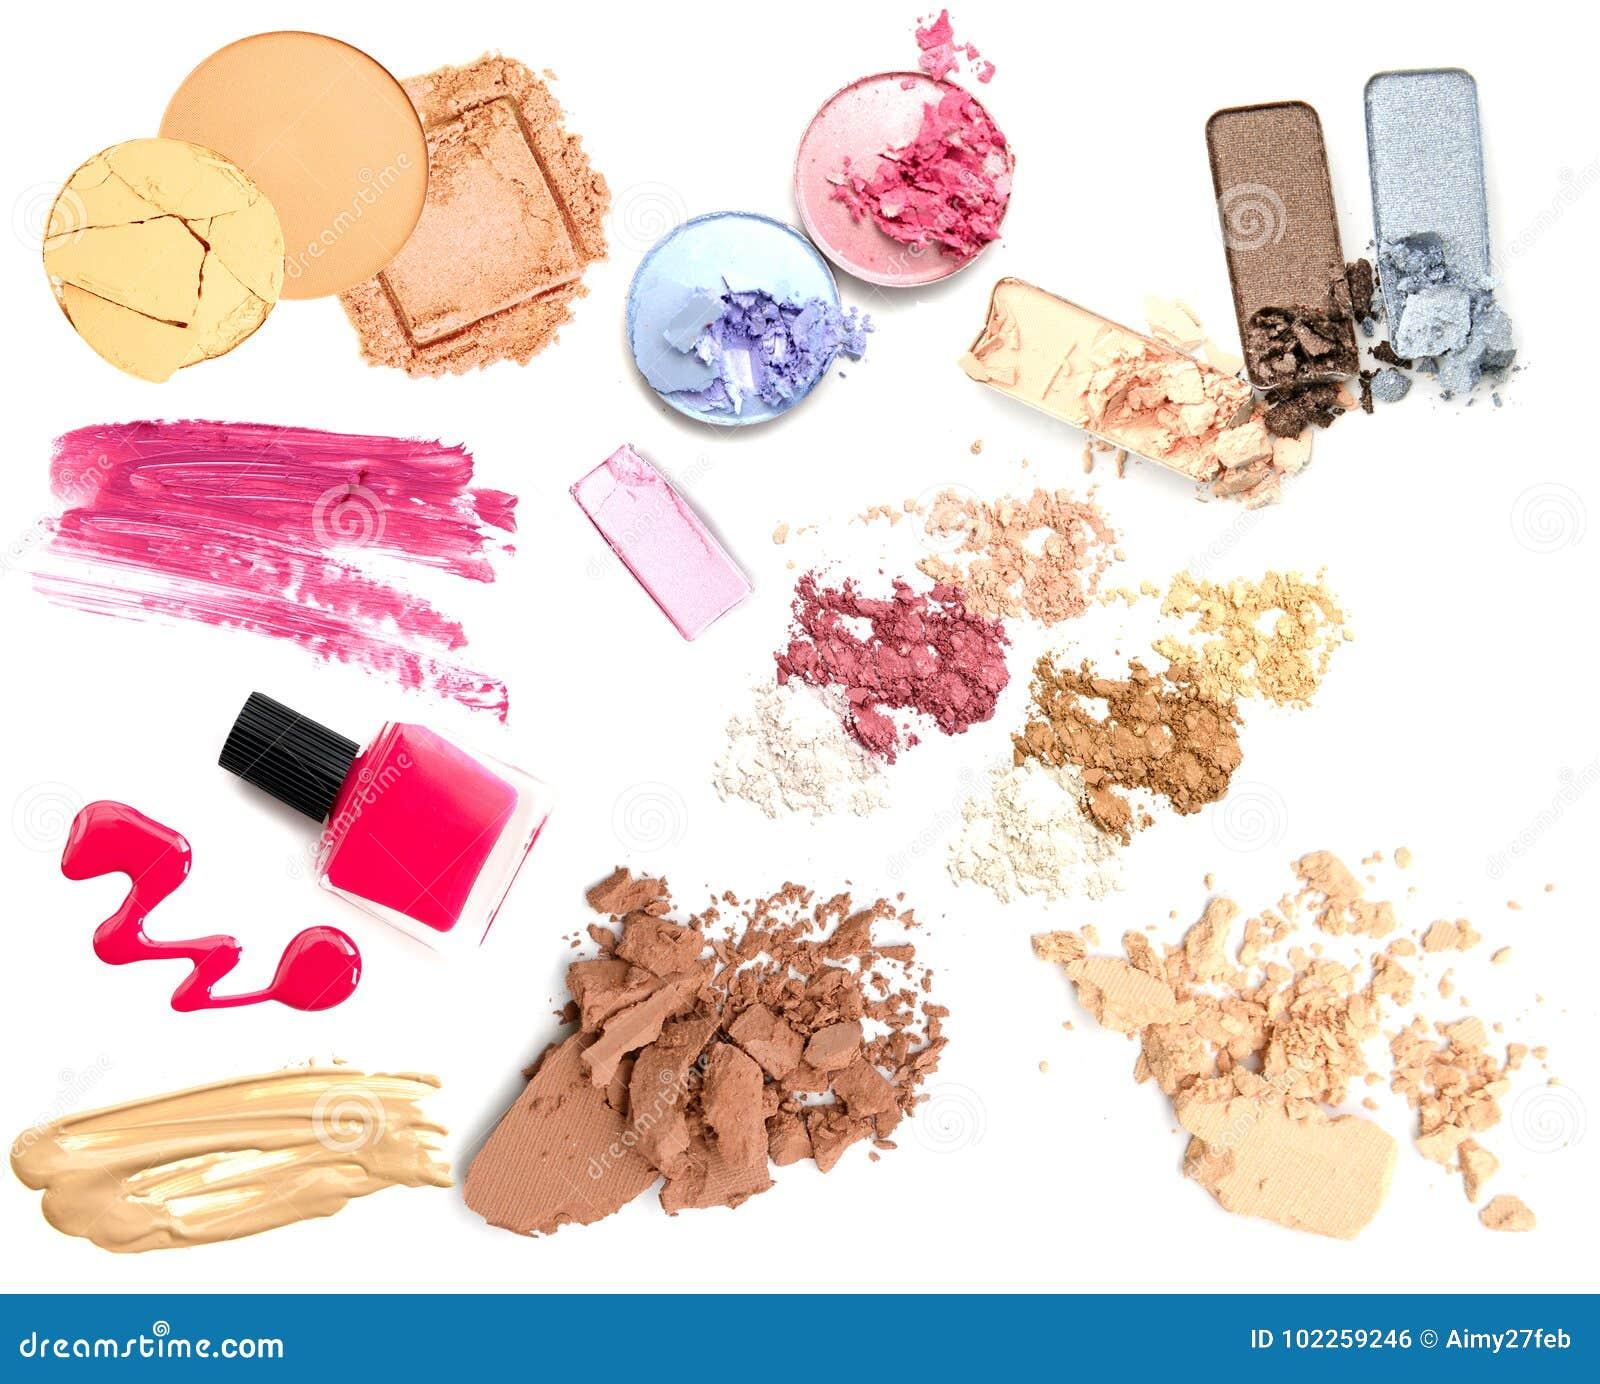 设置化妆产品孤立 组成产品